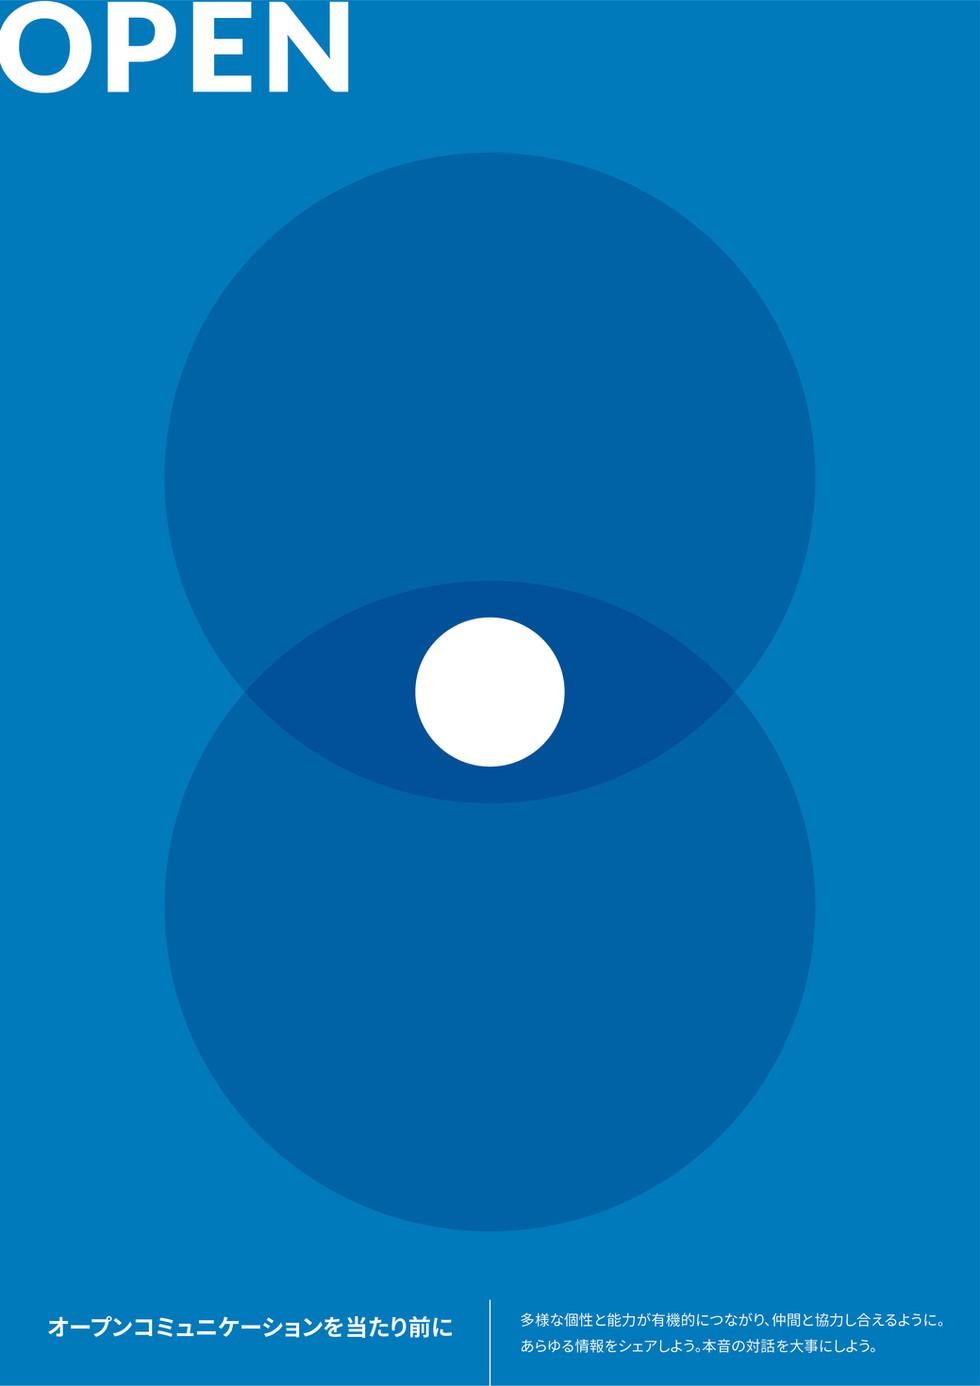 SOOKI re-branding